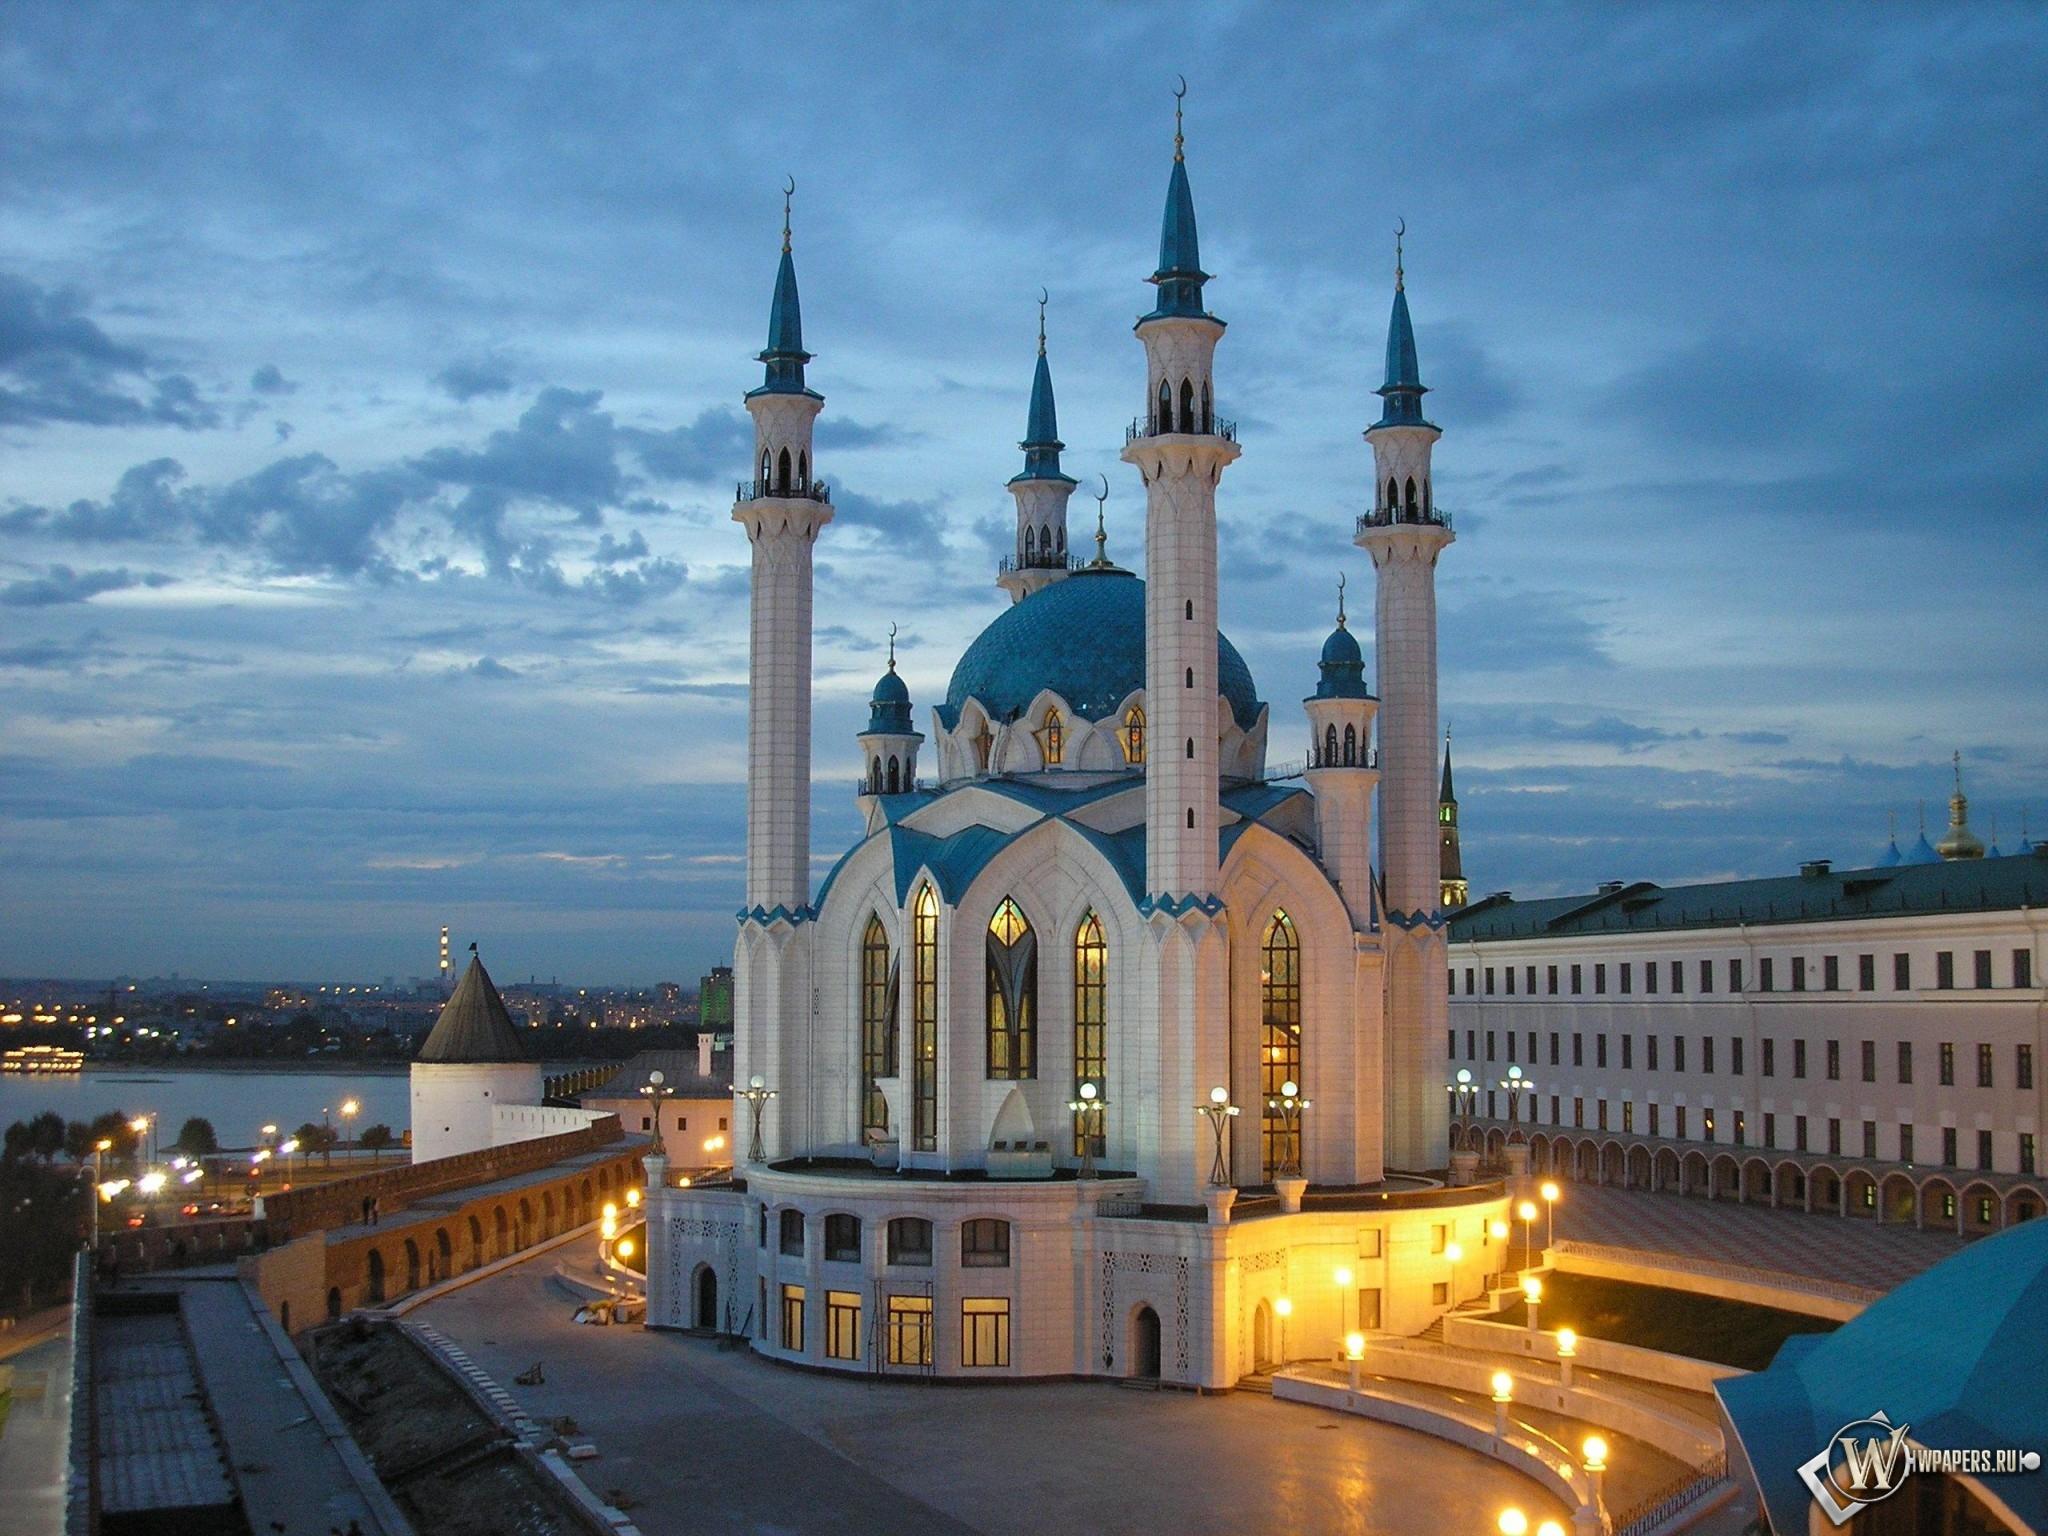 Неравный бой продолжается несколько суток...  Казань Завораживающая, восточная красота!